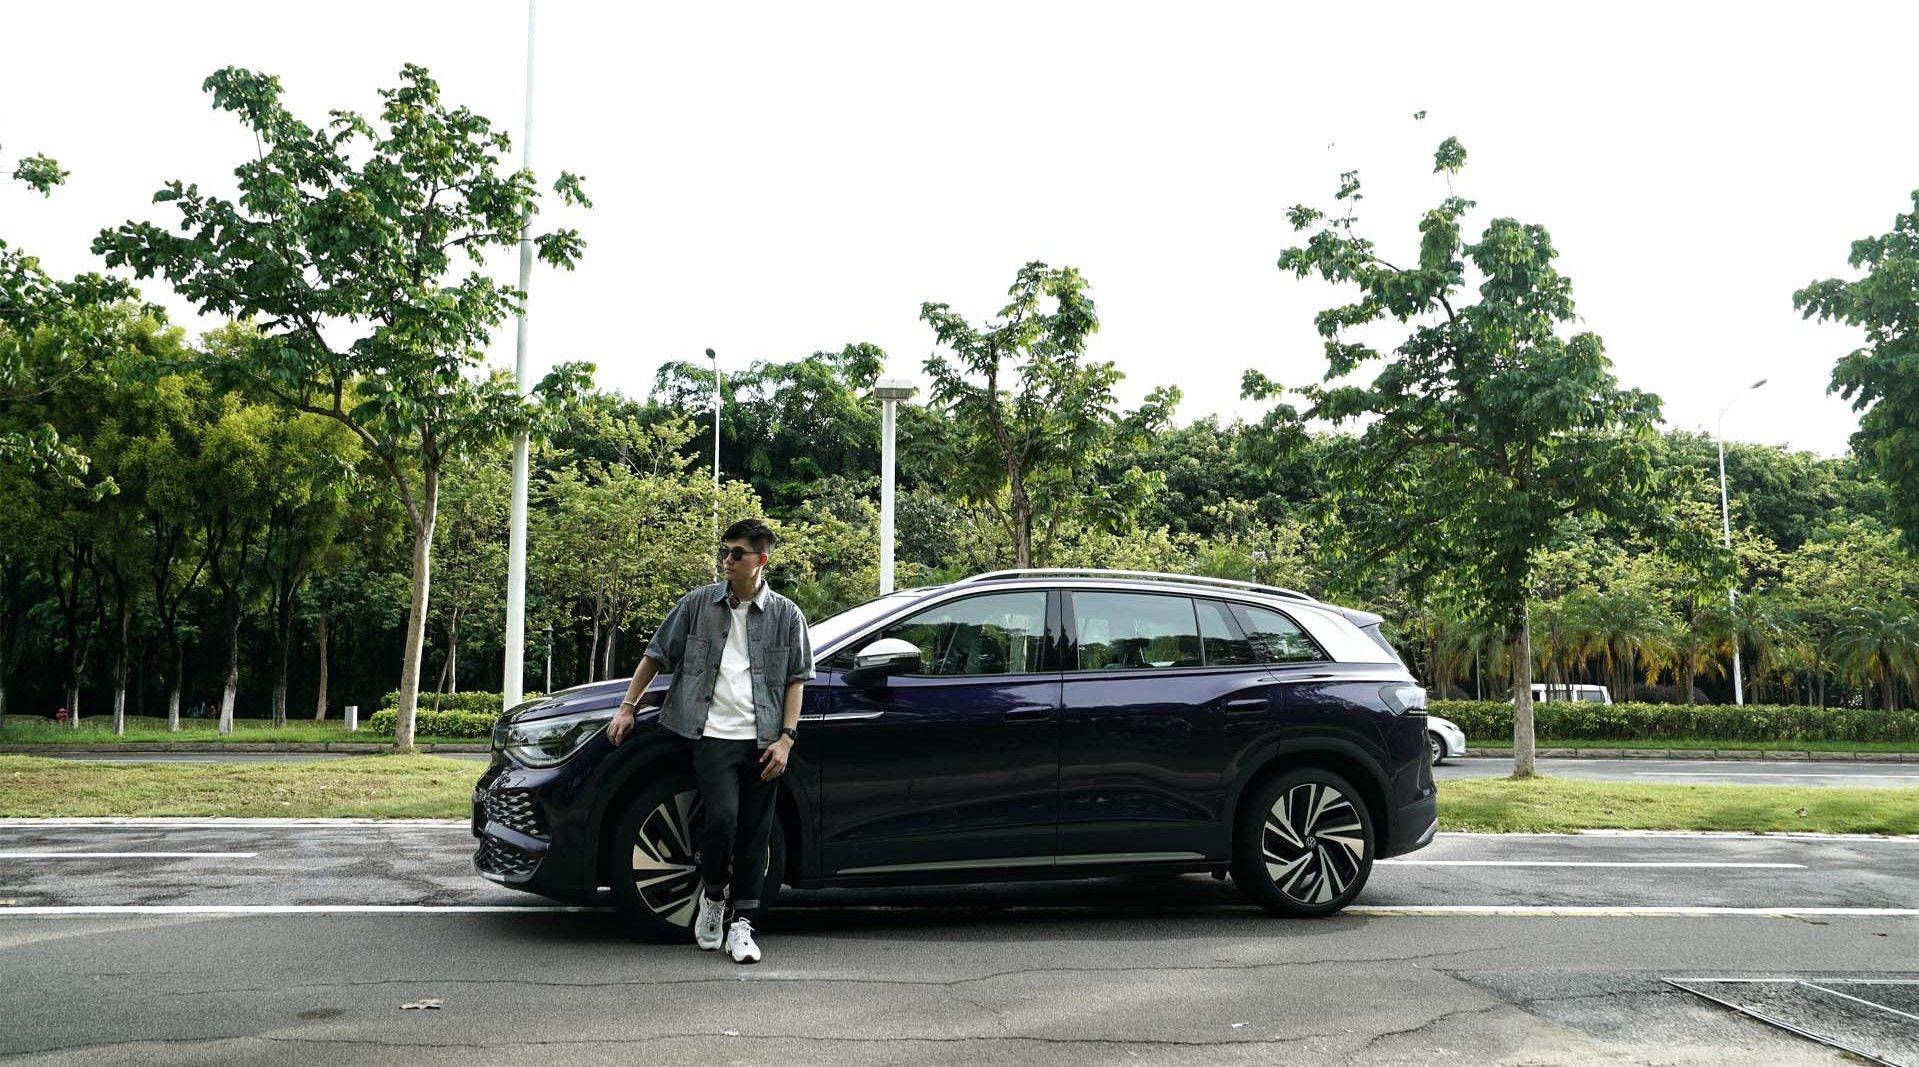 后驱+3米轴距,大众全新高端7座SUV仅23万起售?还带座椅按摩!